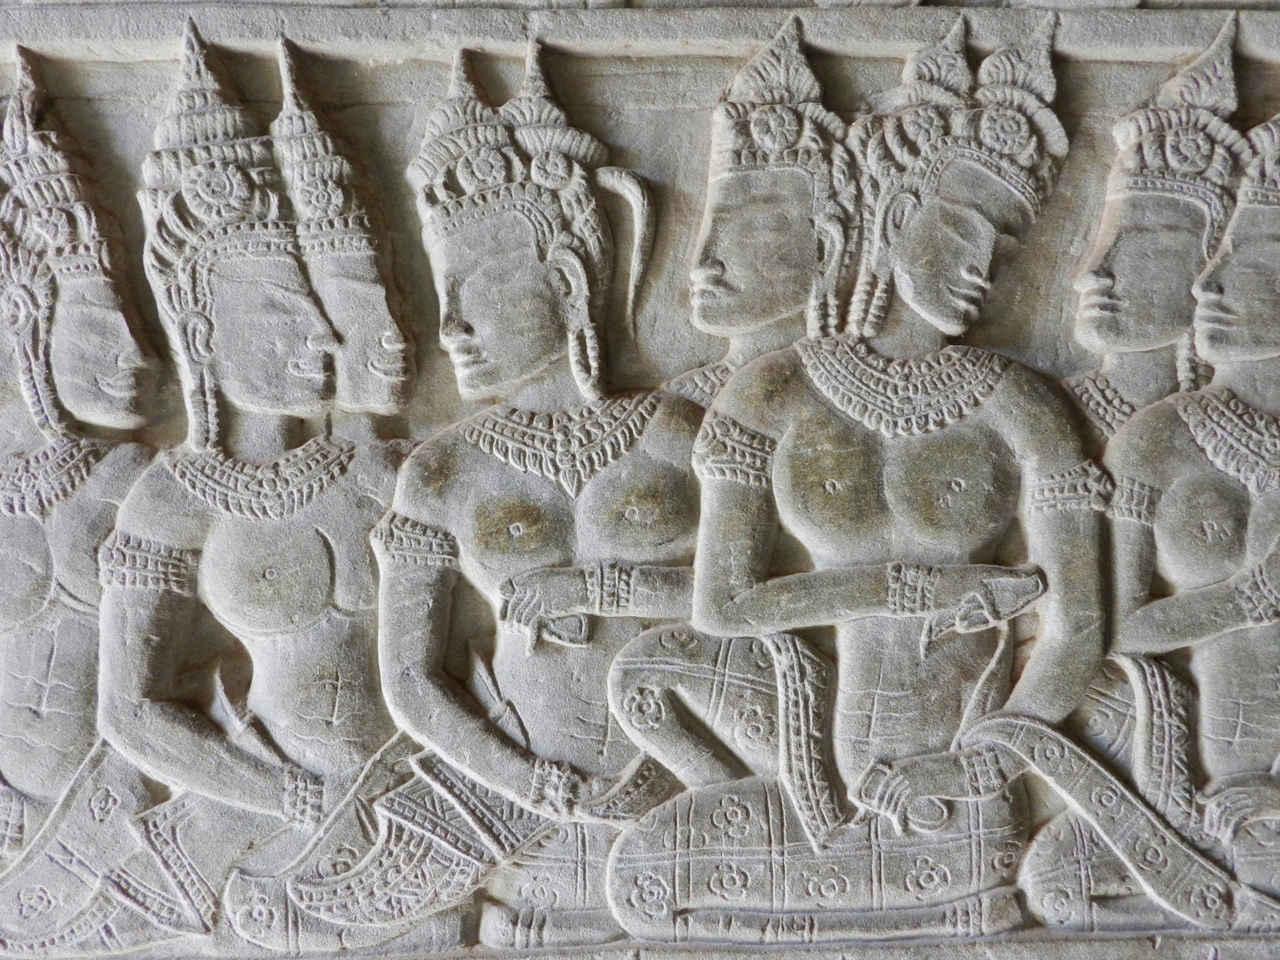 Bas-relief of apsara dancers at Angkor Wat